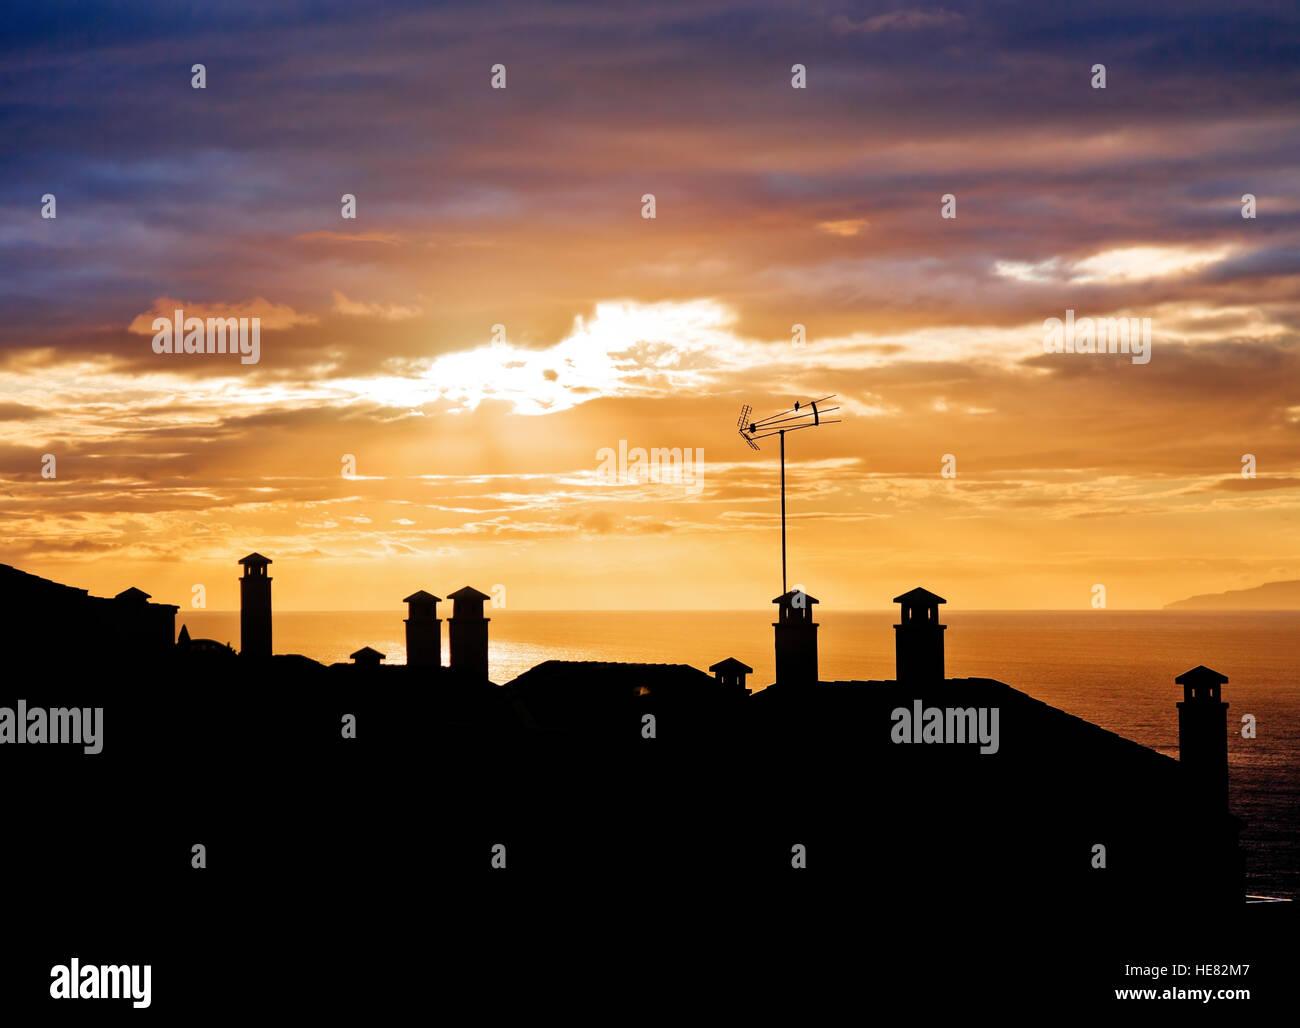 Coucher de silhouettes de toits de maisons avec cheminées Banque D'Images